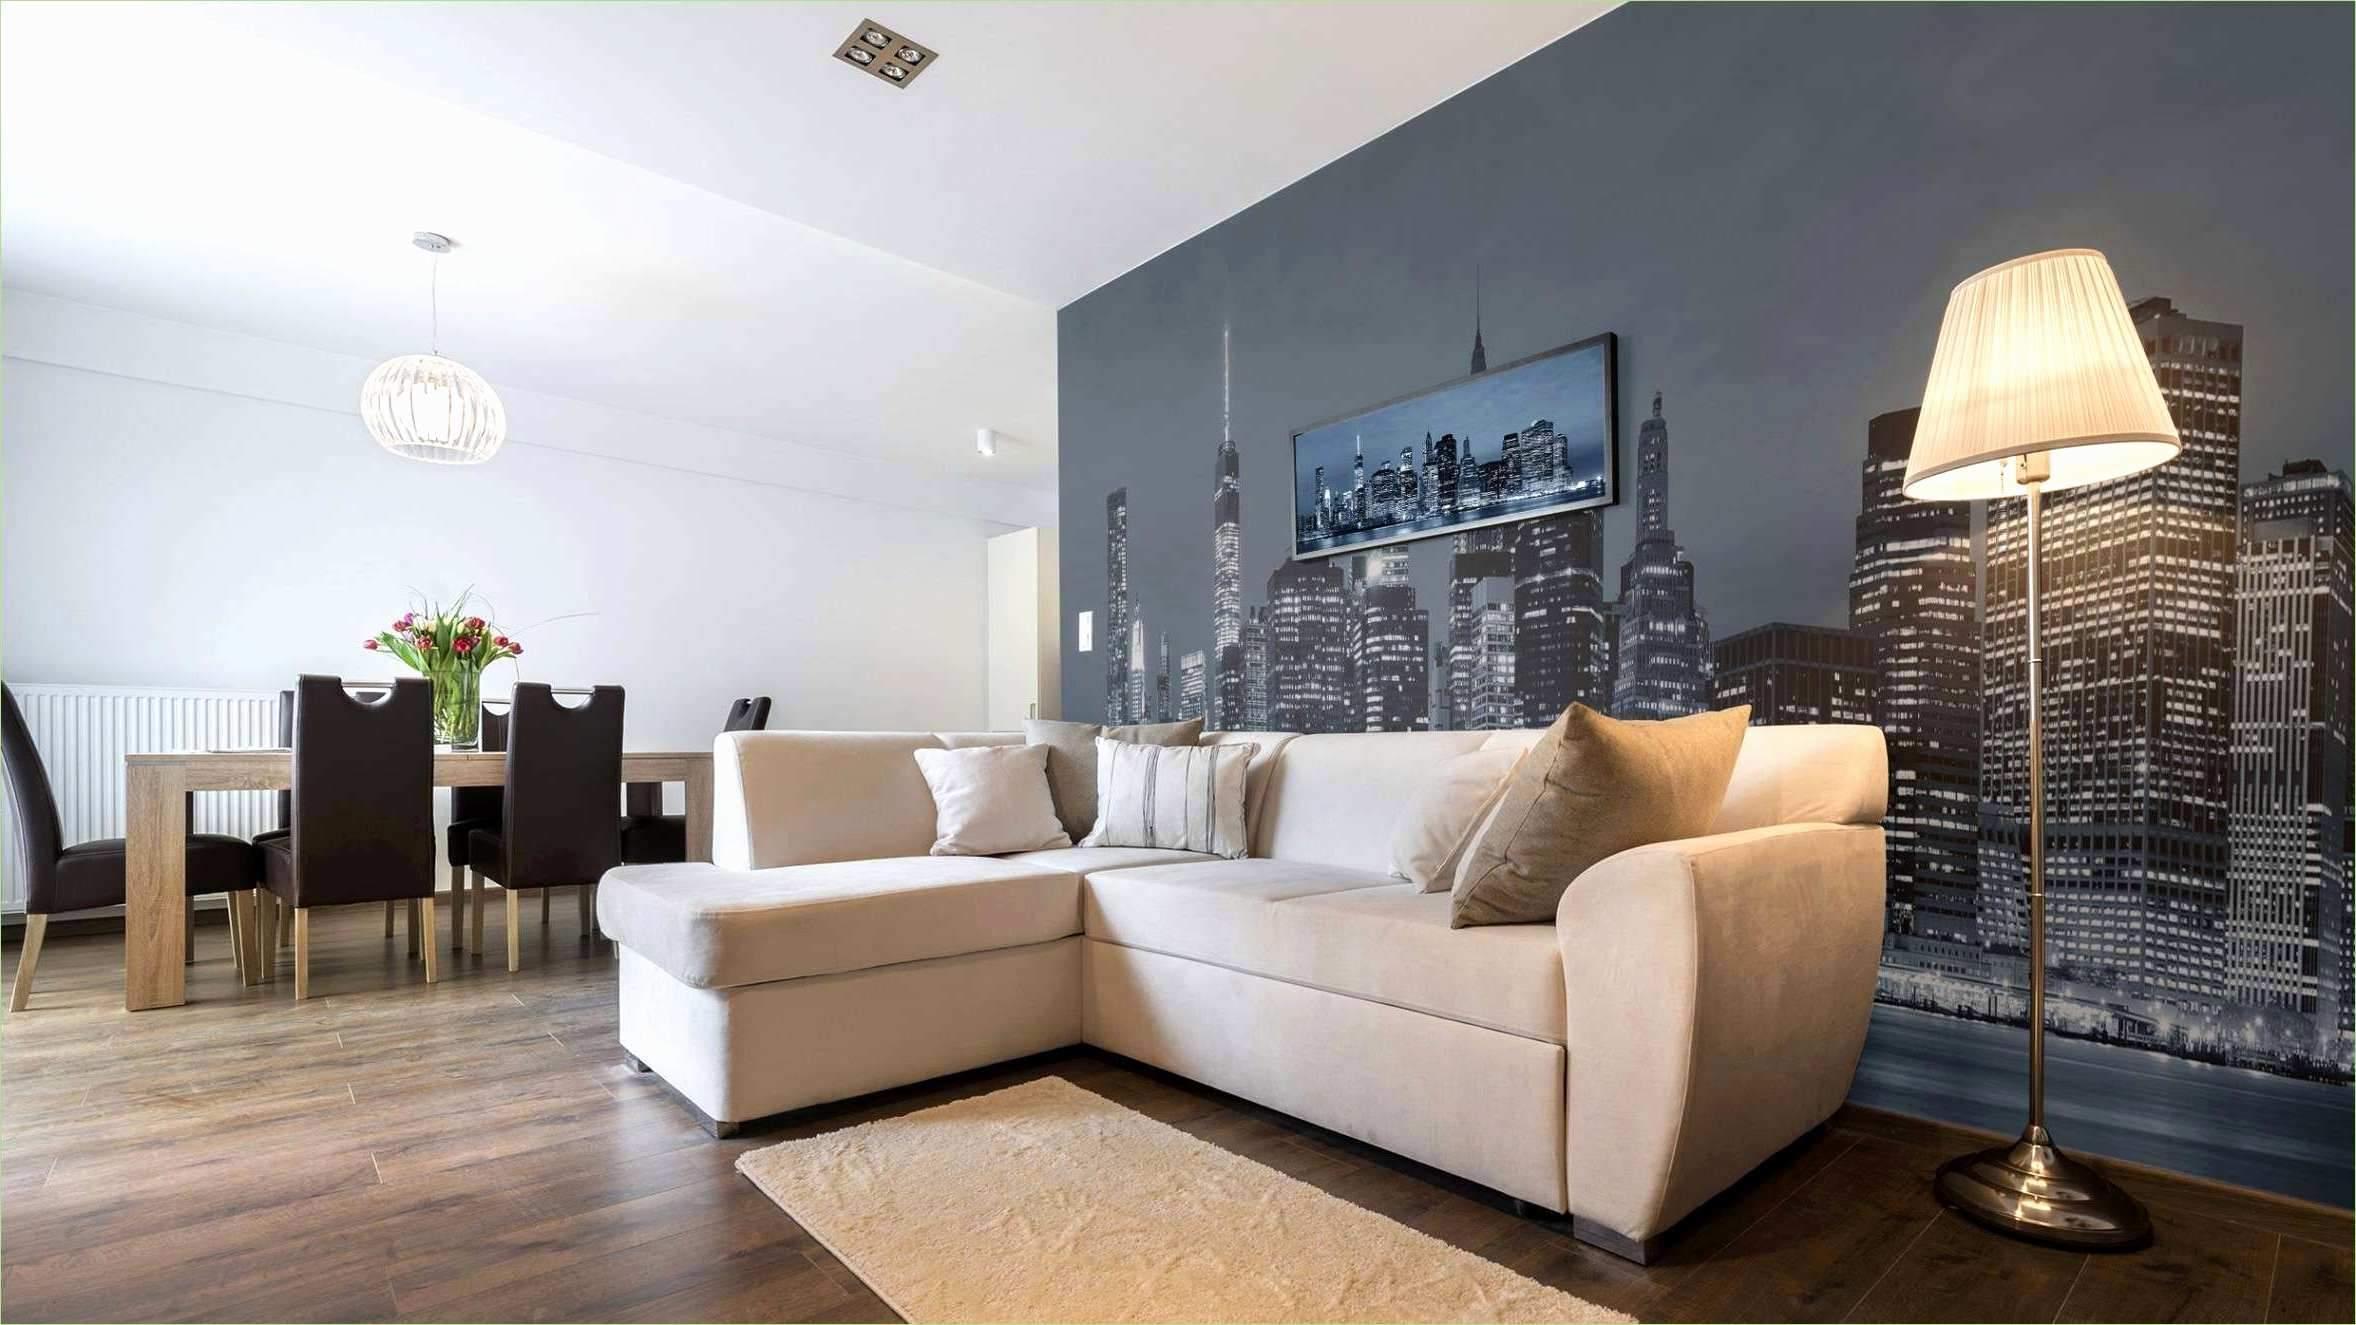 led leuchten decke reizend licht ideen wohnzimmer neueste modelle wohnzimmer licht 0d of led leuchten decke